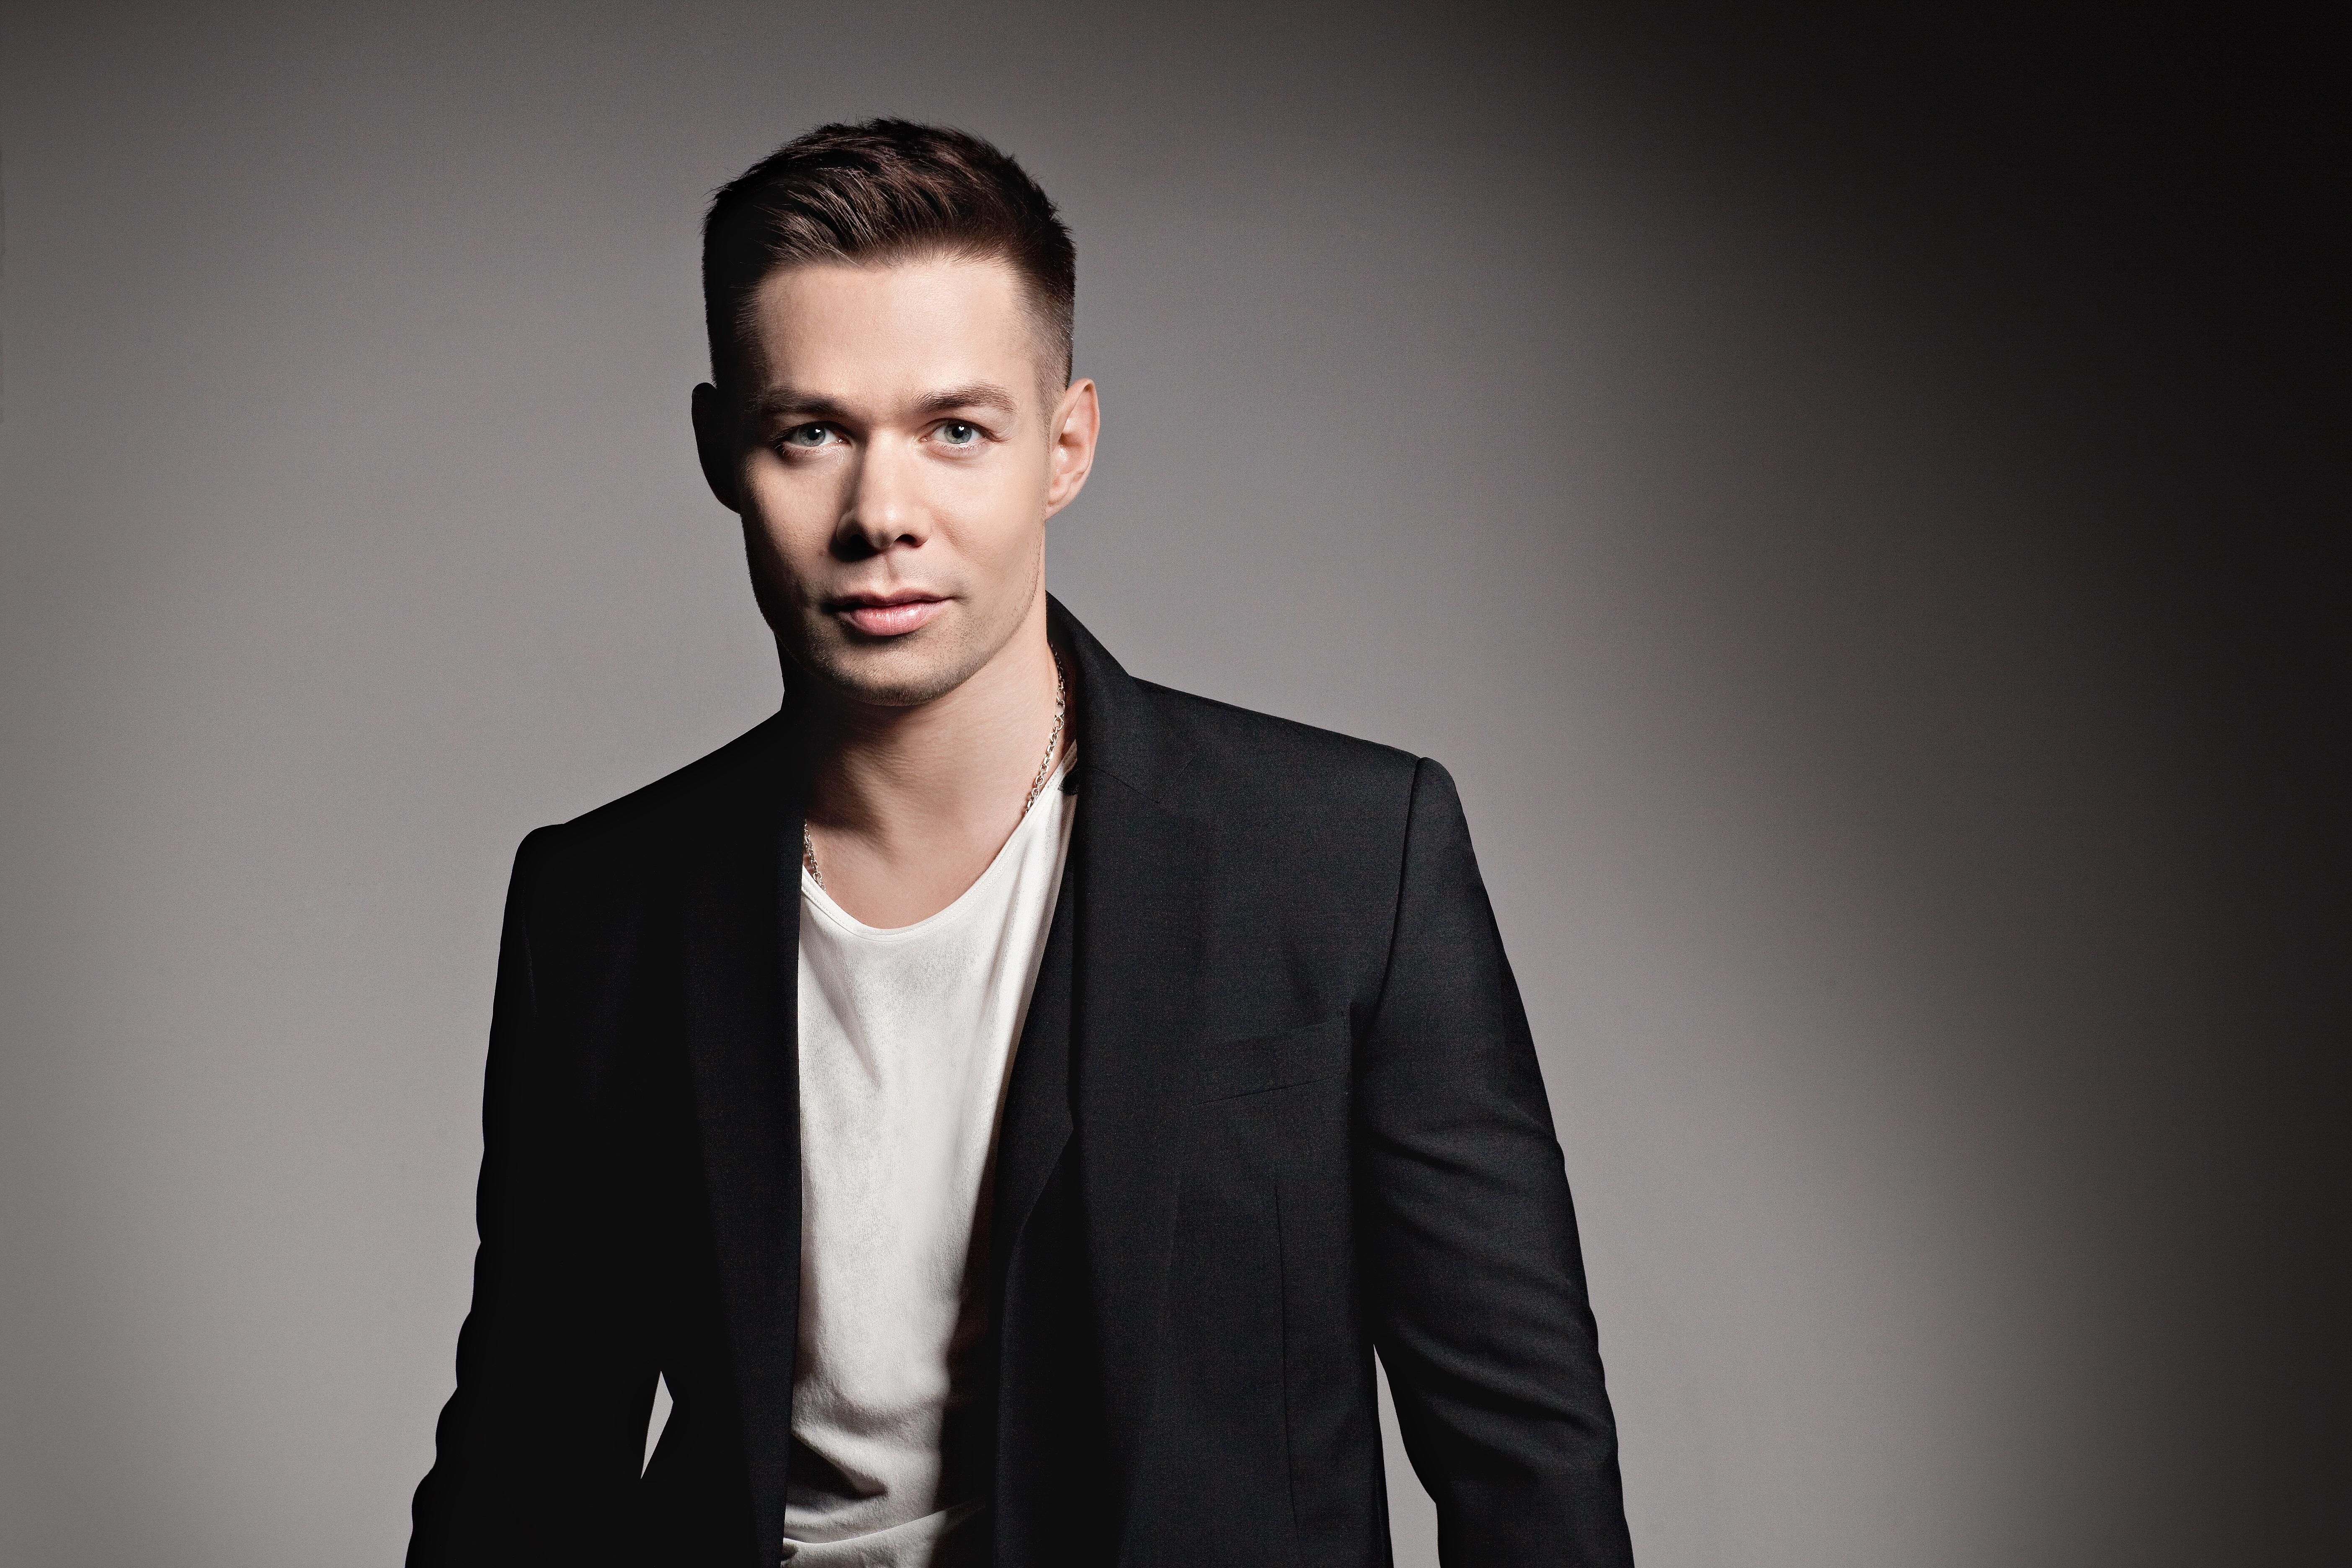 Список российских певцов фото 11 фотография